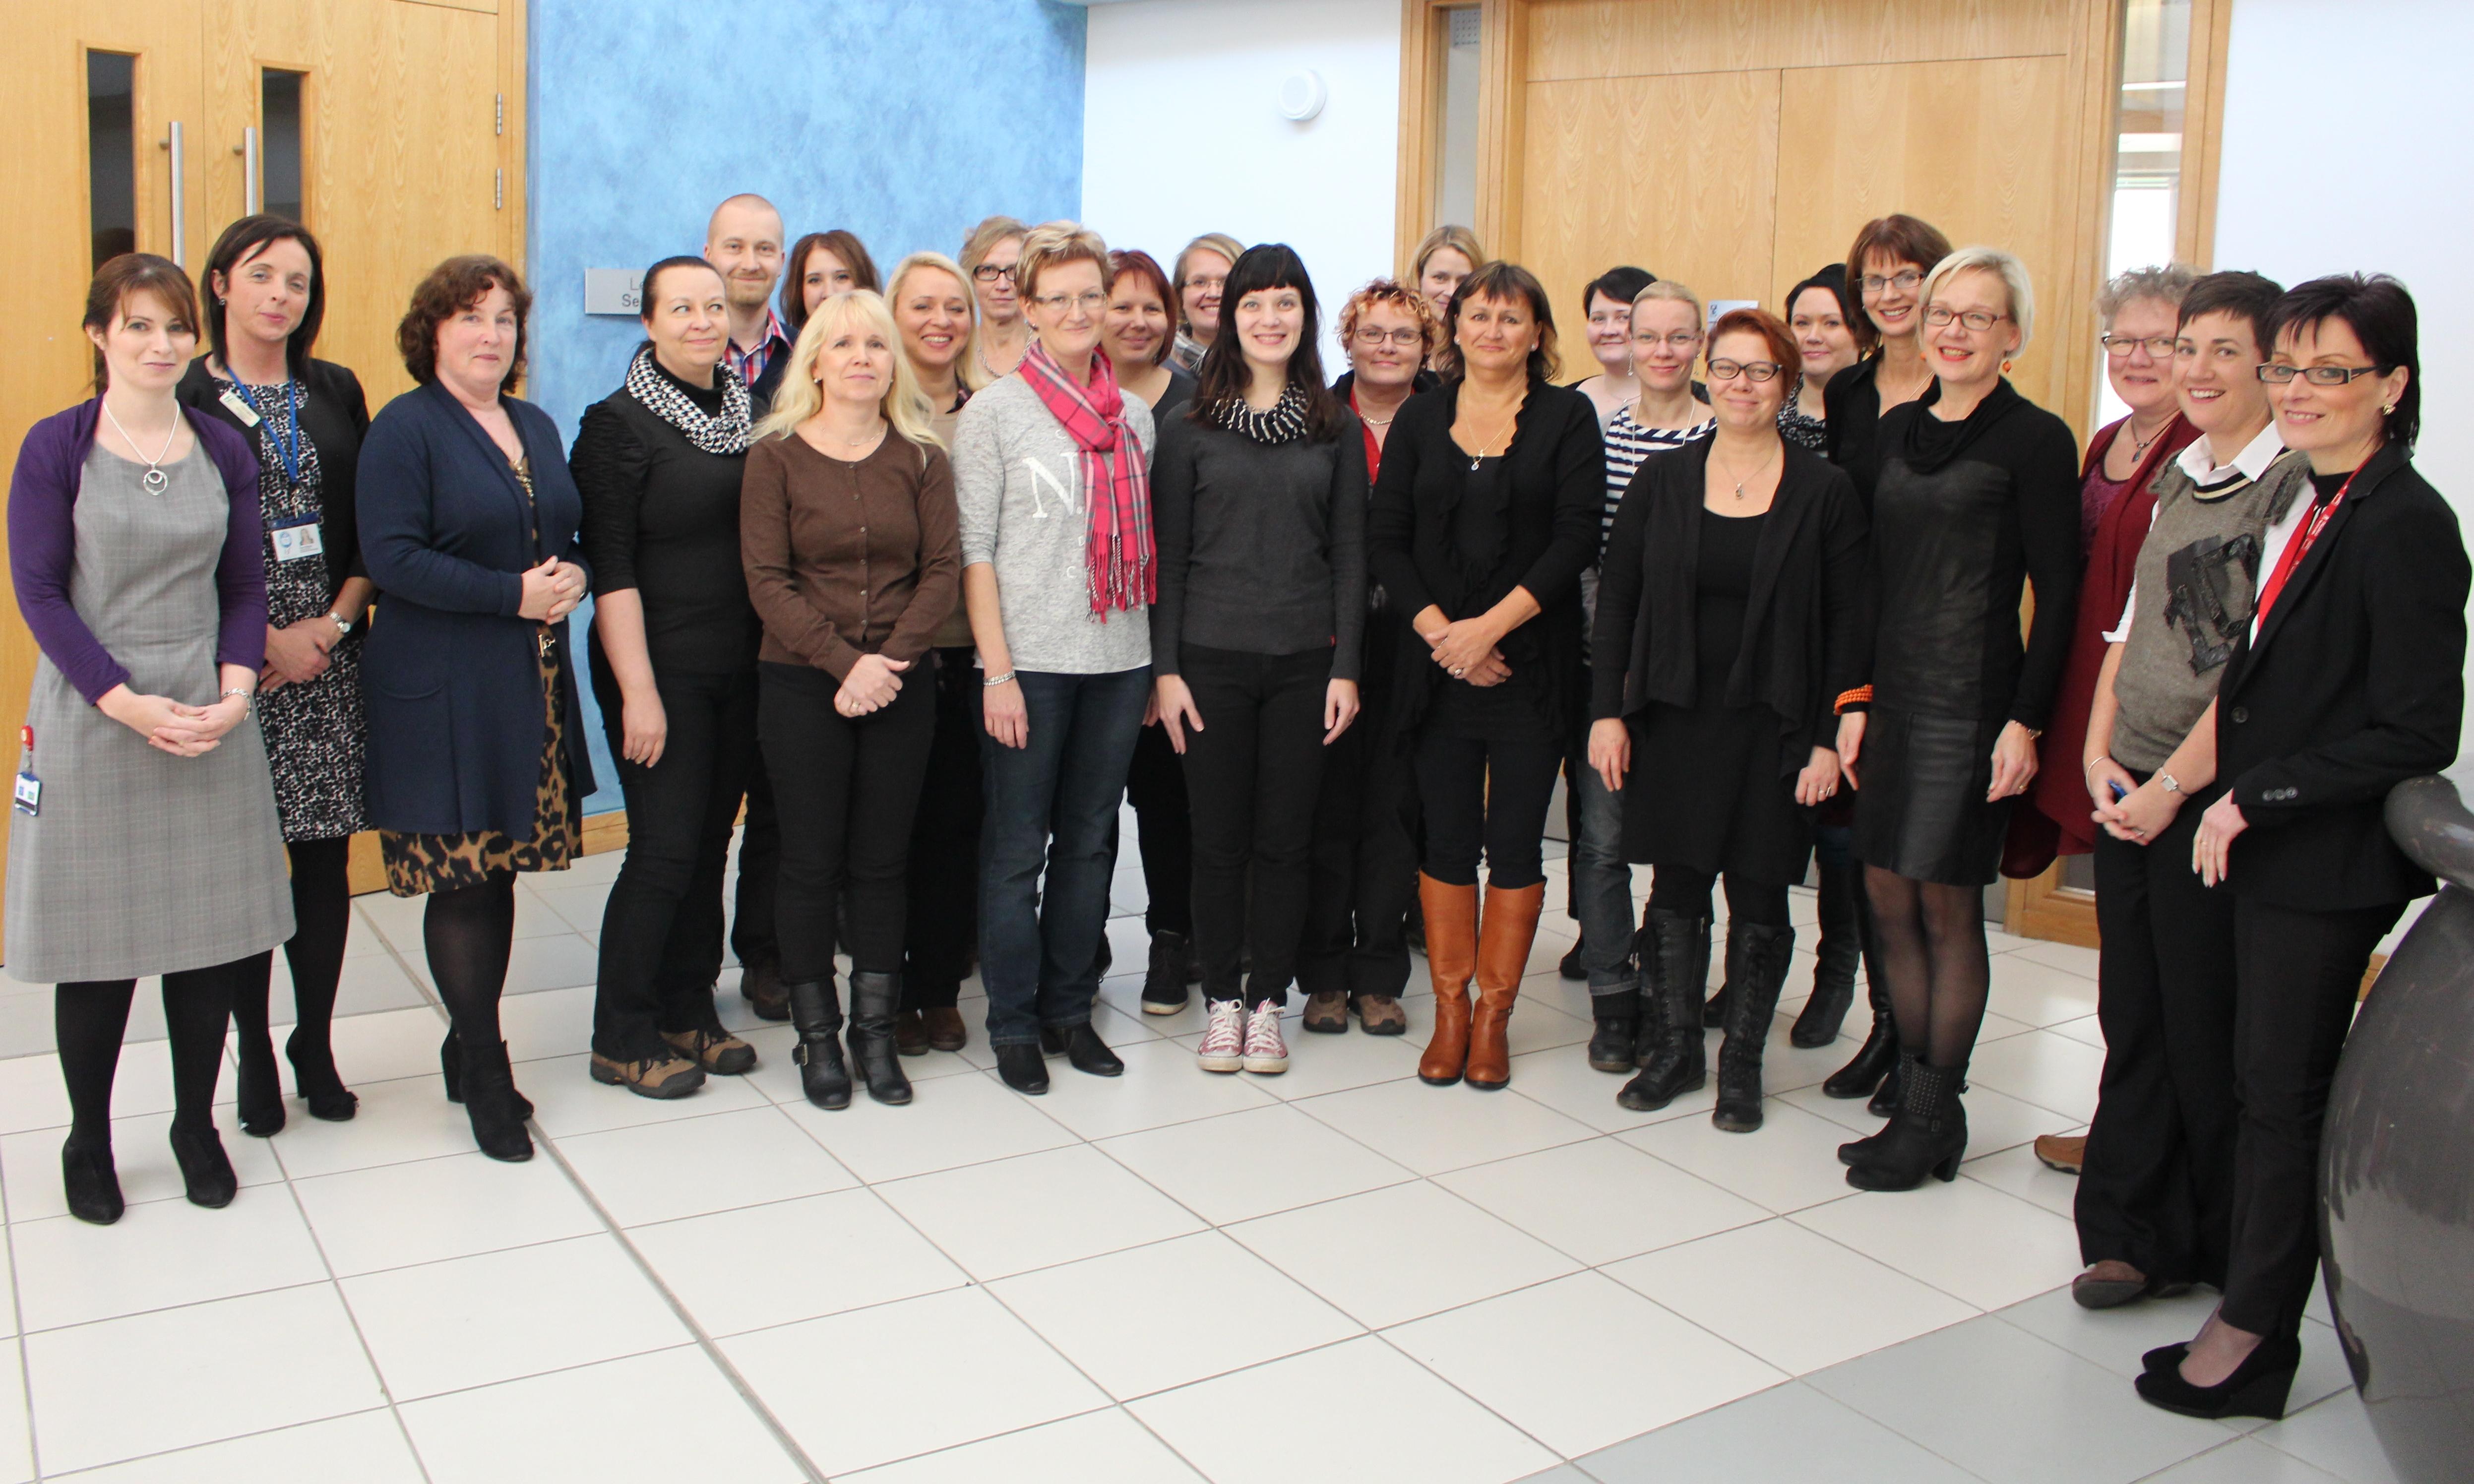 Finnish Delegation from Saimaa University